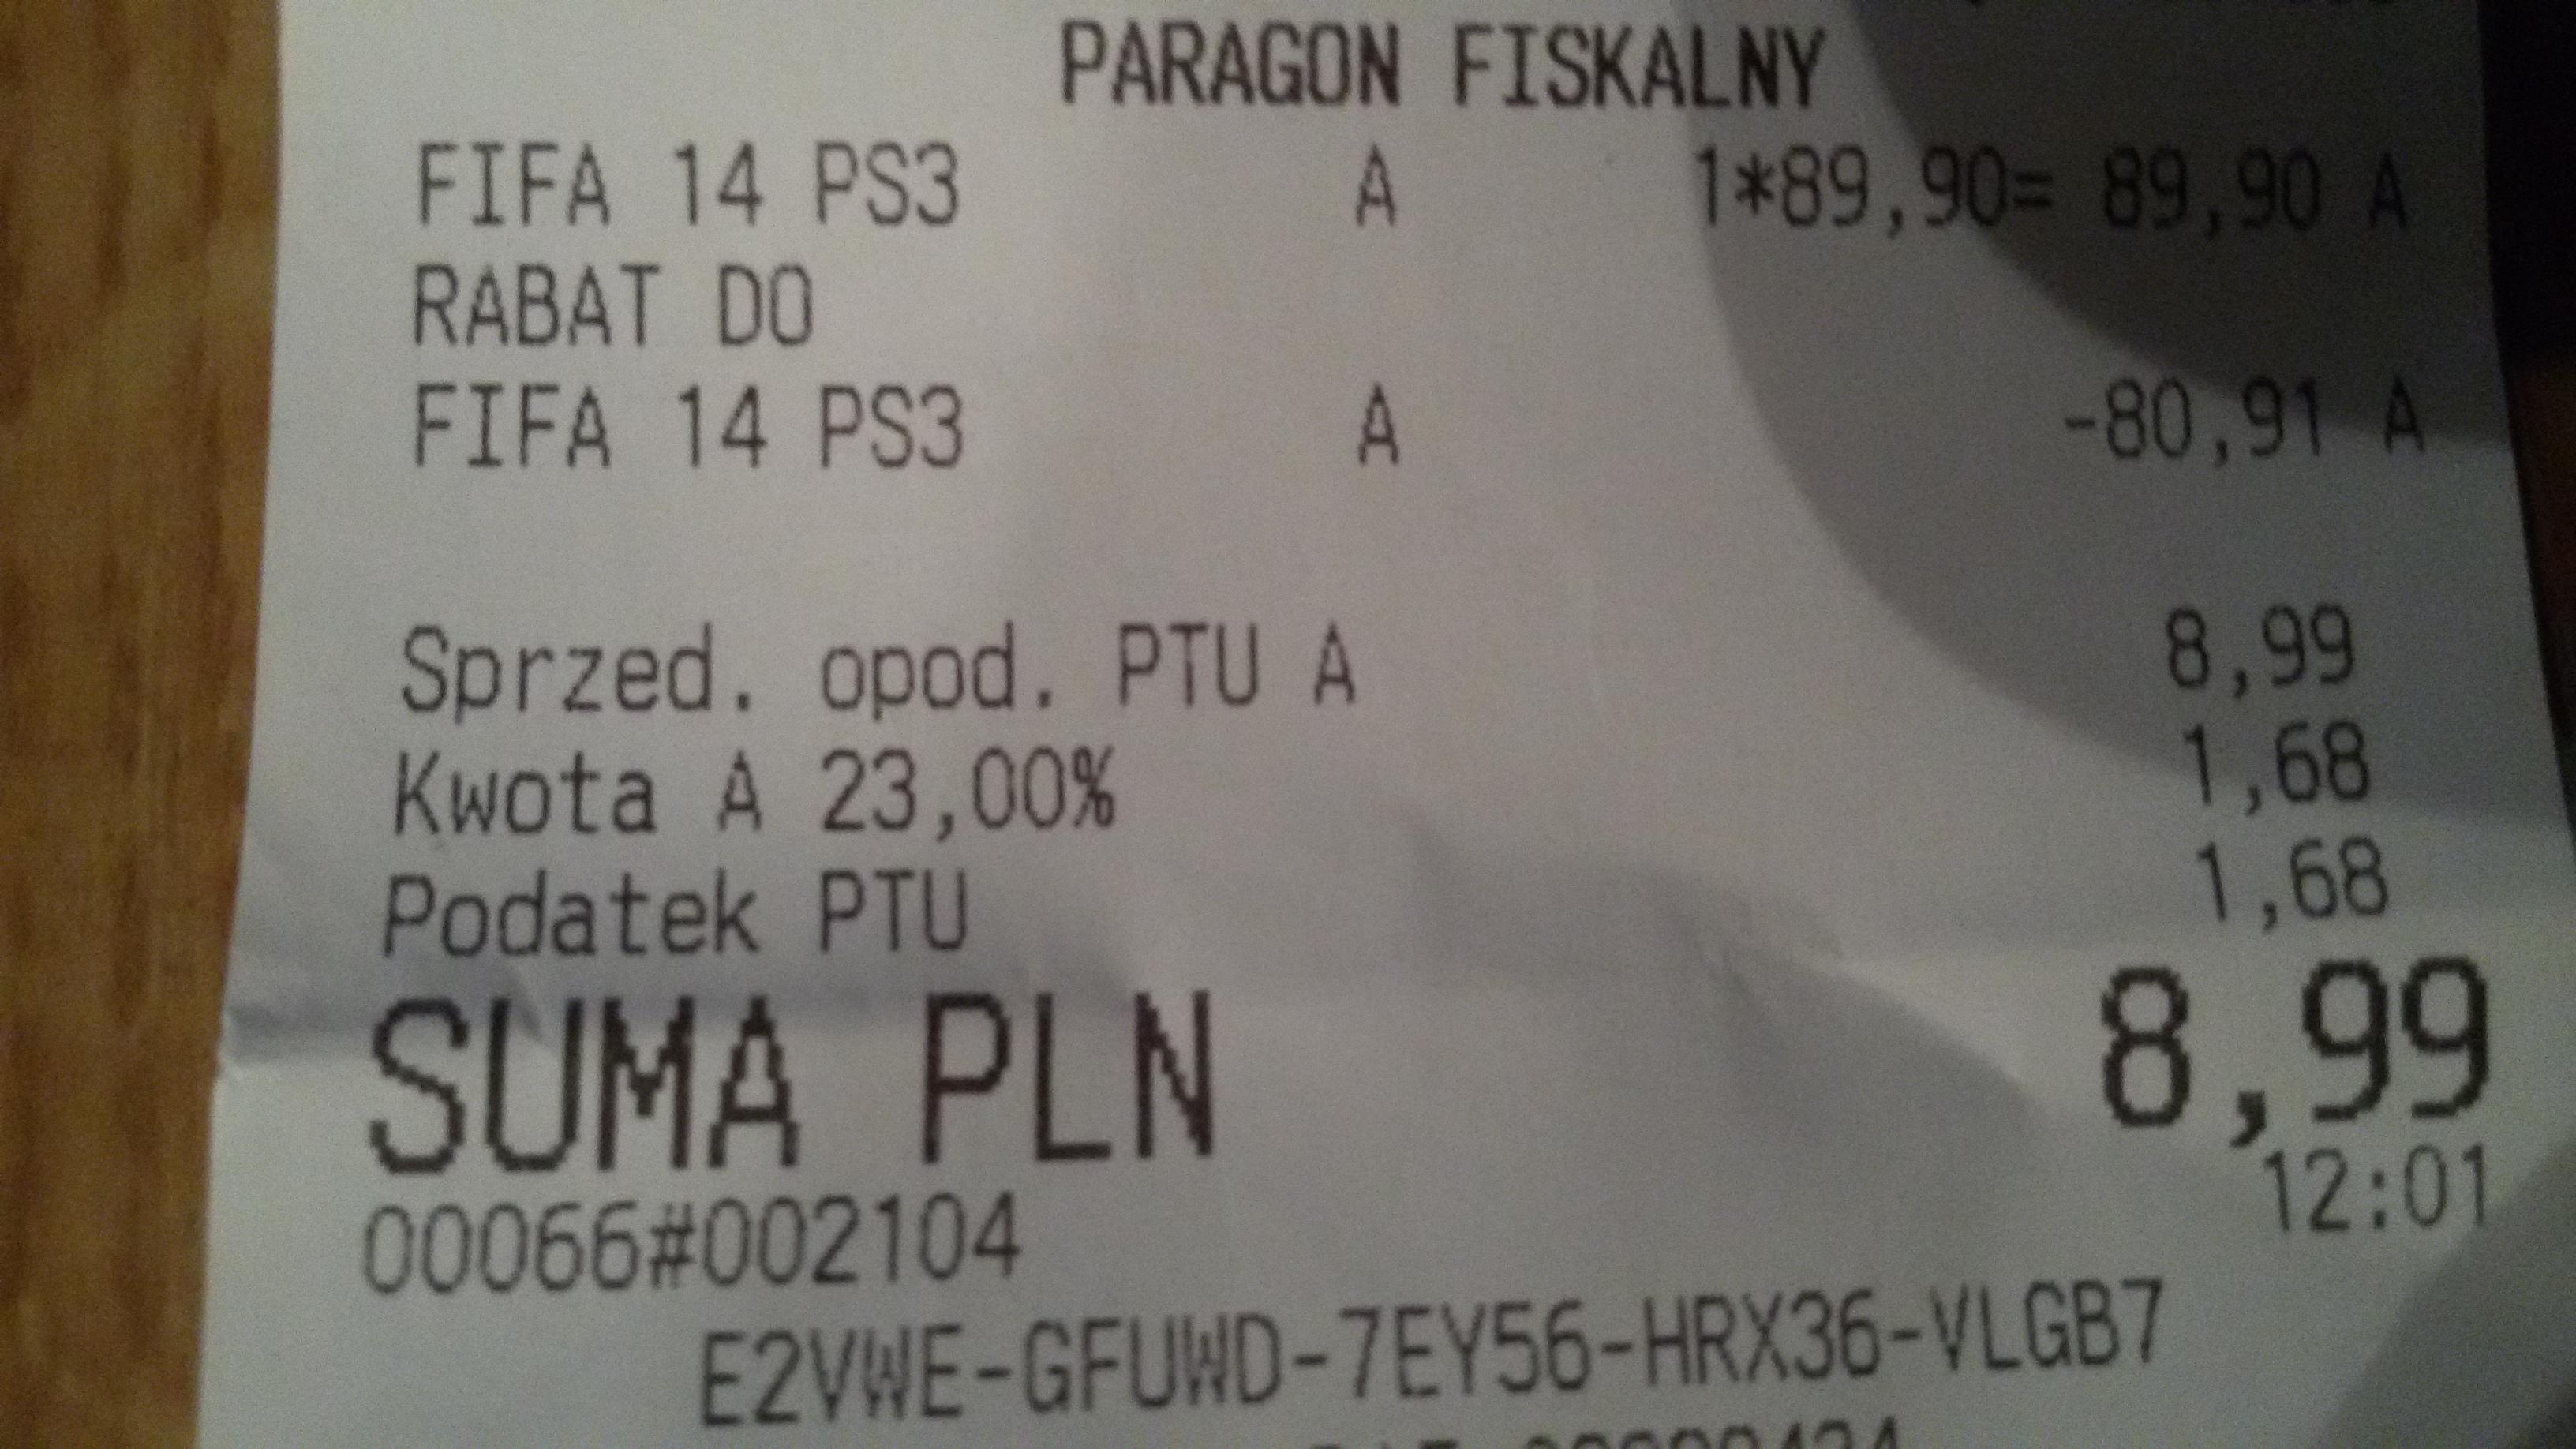 Fifa 14 PS3,  wyprzedaż w Empik!!!